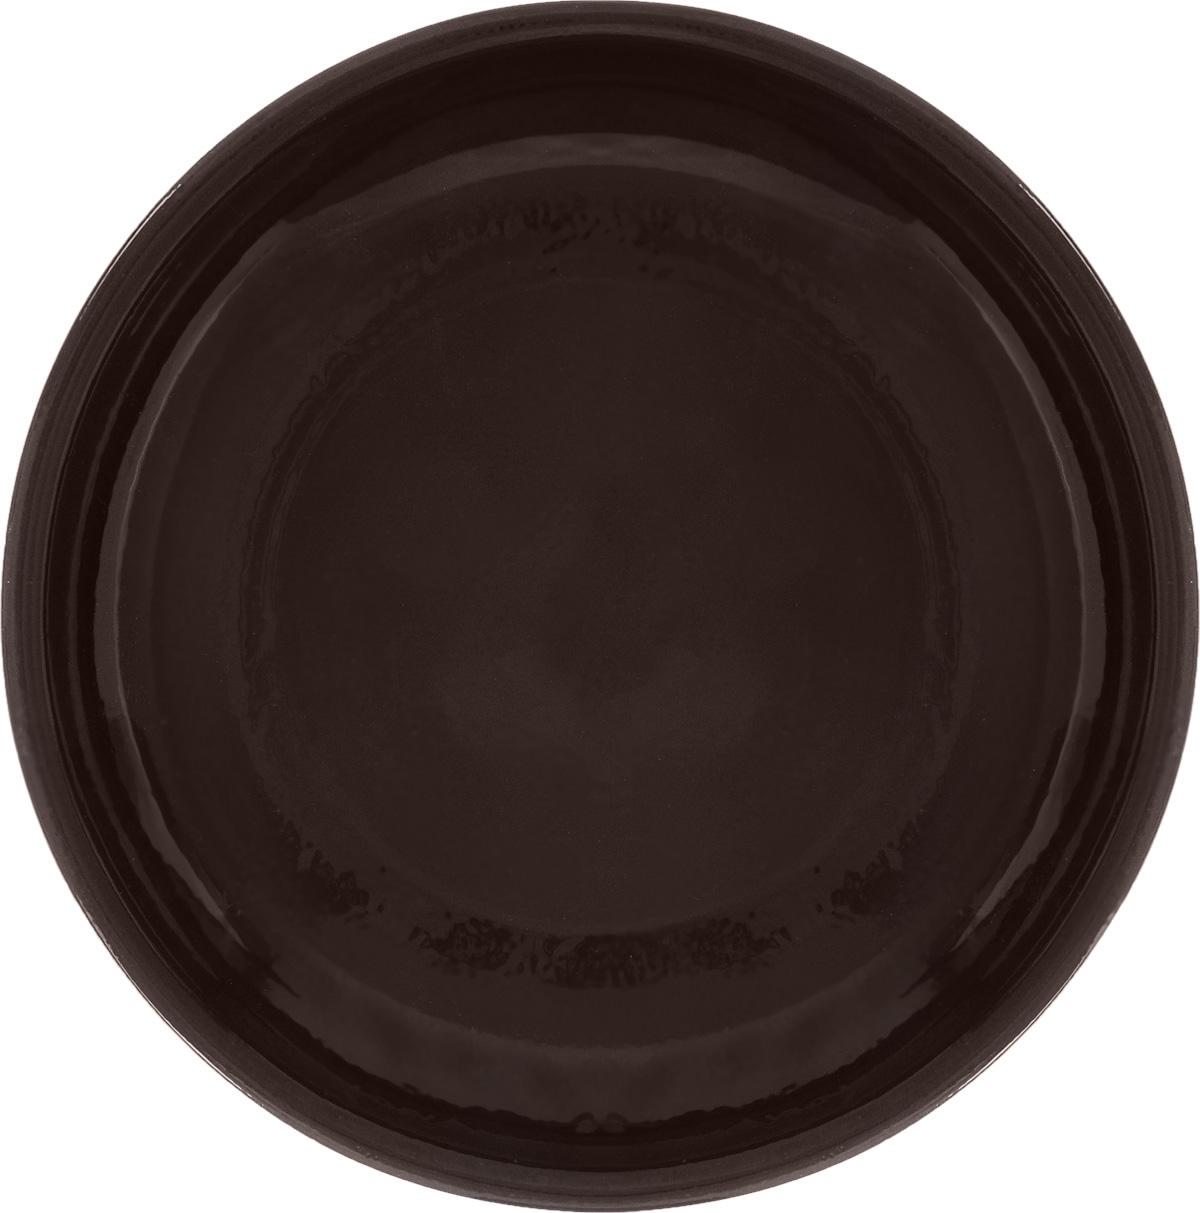 Тарелка Борисовская керамика Старина, цвет: темно-коричневый, диаметр 18 смСТР00000455_темно-коричневыйТарелка Борисовская керамика Радуга, изготовленная изглины, имеет изысканный внешний вид. Лаконичный дизайнпридется по вкусу и ценителям классики, и тем, ктопредпочитает утонченность.Такая тарелка идеально подойдет для сервировкистола, а также для запекания вторых блюд в духовке. Тарелка Борисовская керамика Радуга впишется в любойинтерьер современной кухни и станет отличным подарком длявас и ваших близких. Можно использовать в микроволновой печи и духовке.Диаметр (по верхнему краю): 18 см.